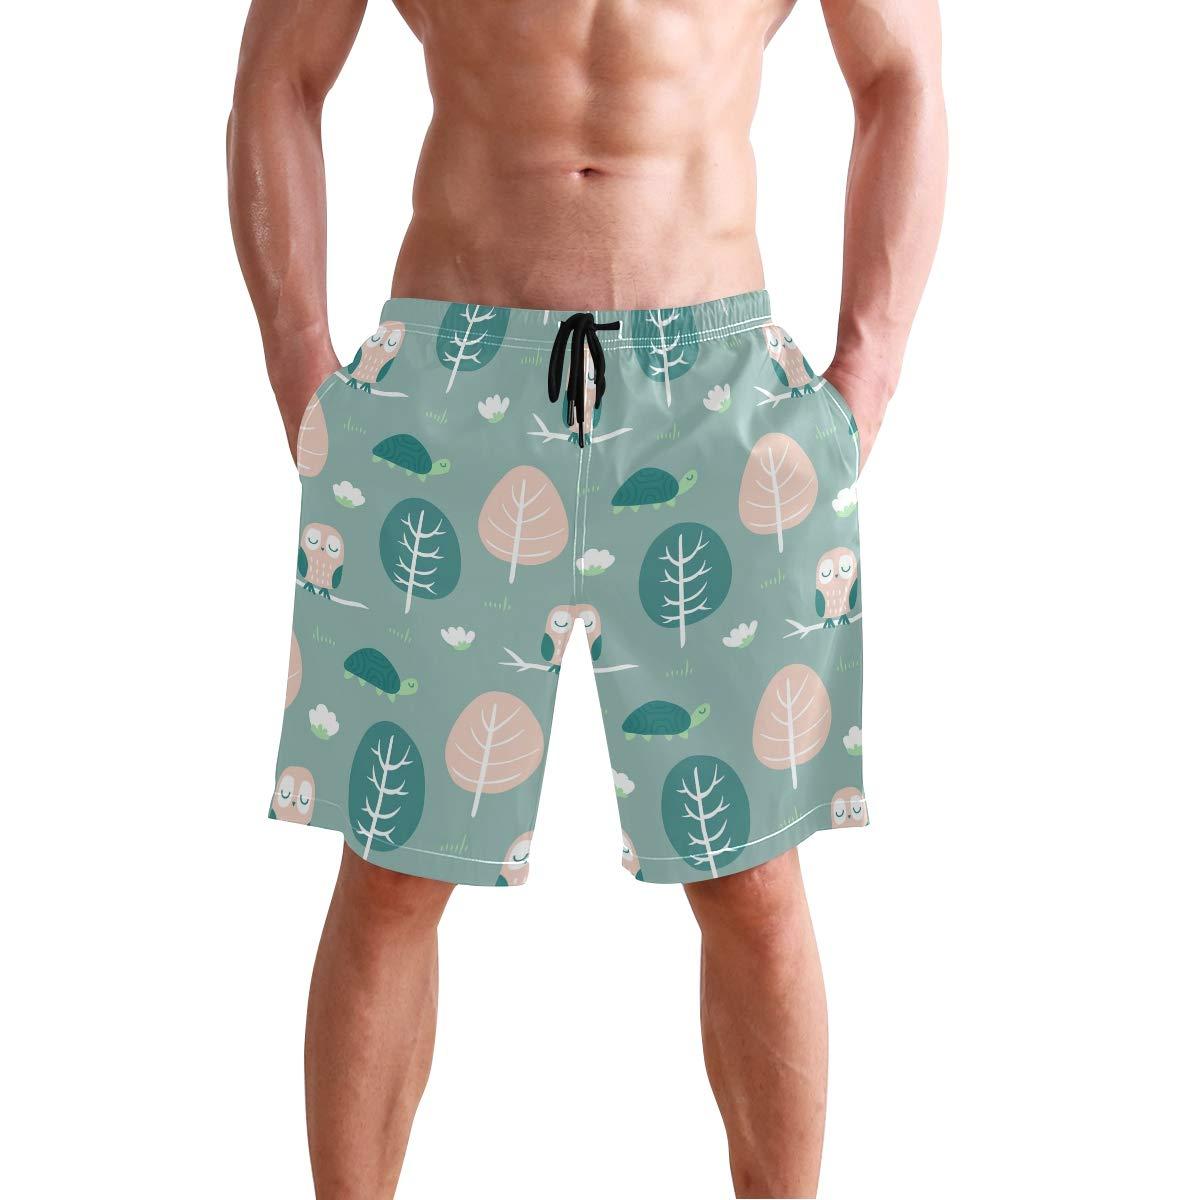 DEYYA Mens Trendsetter Owl Summer Beach Shorts Pants Swim Trunks Board Short for Men